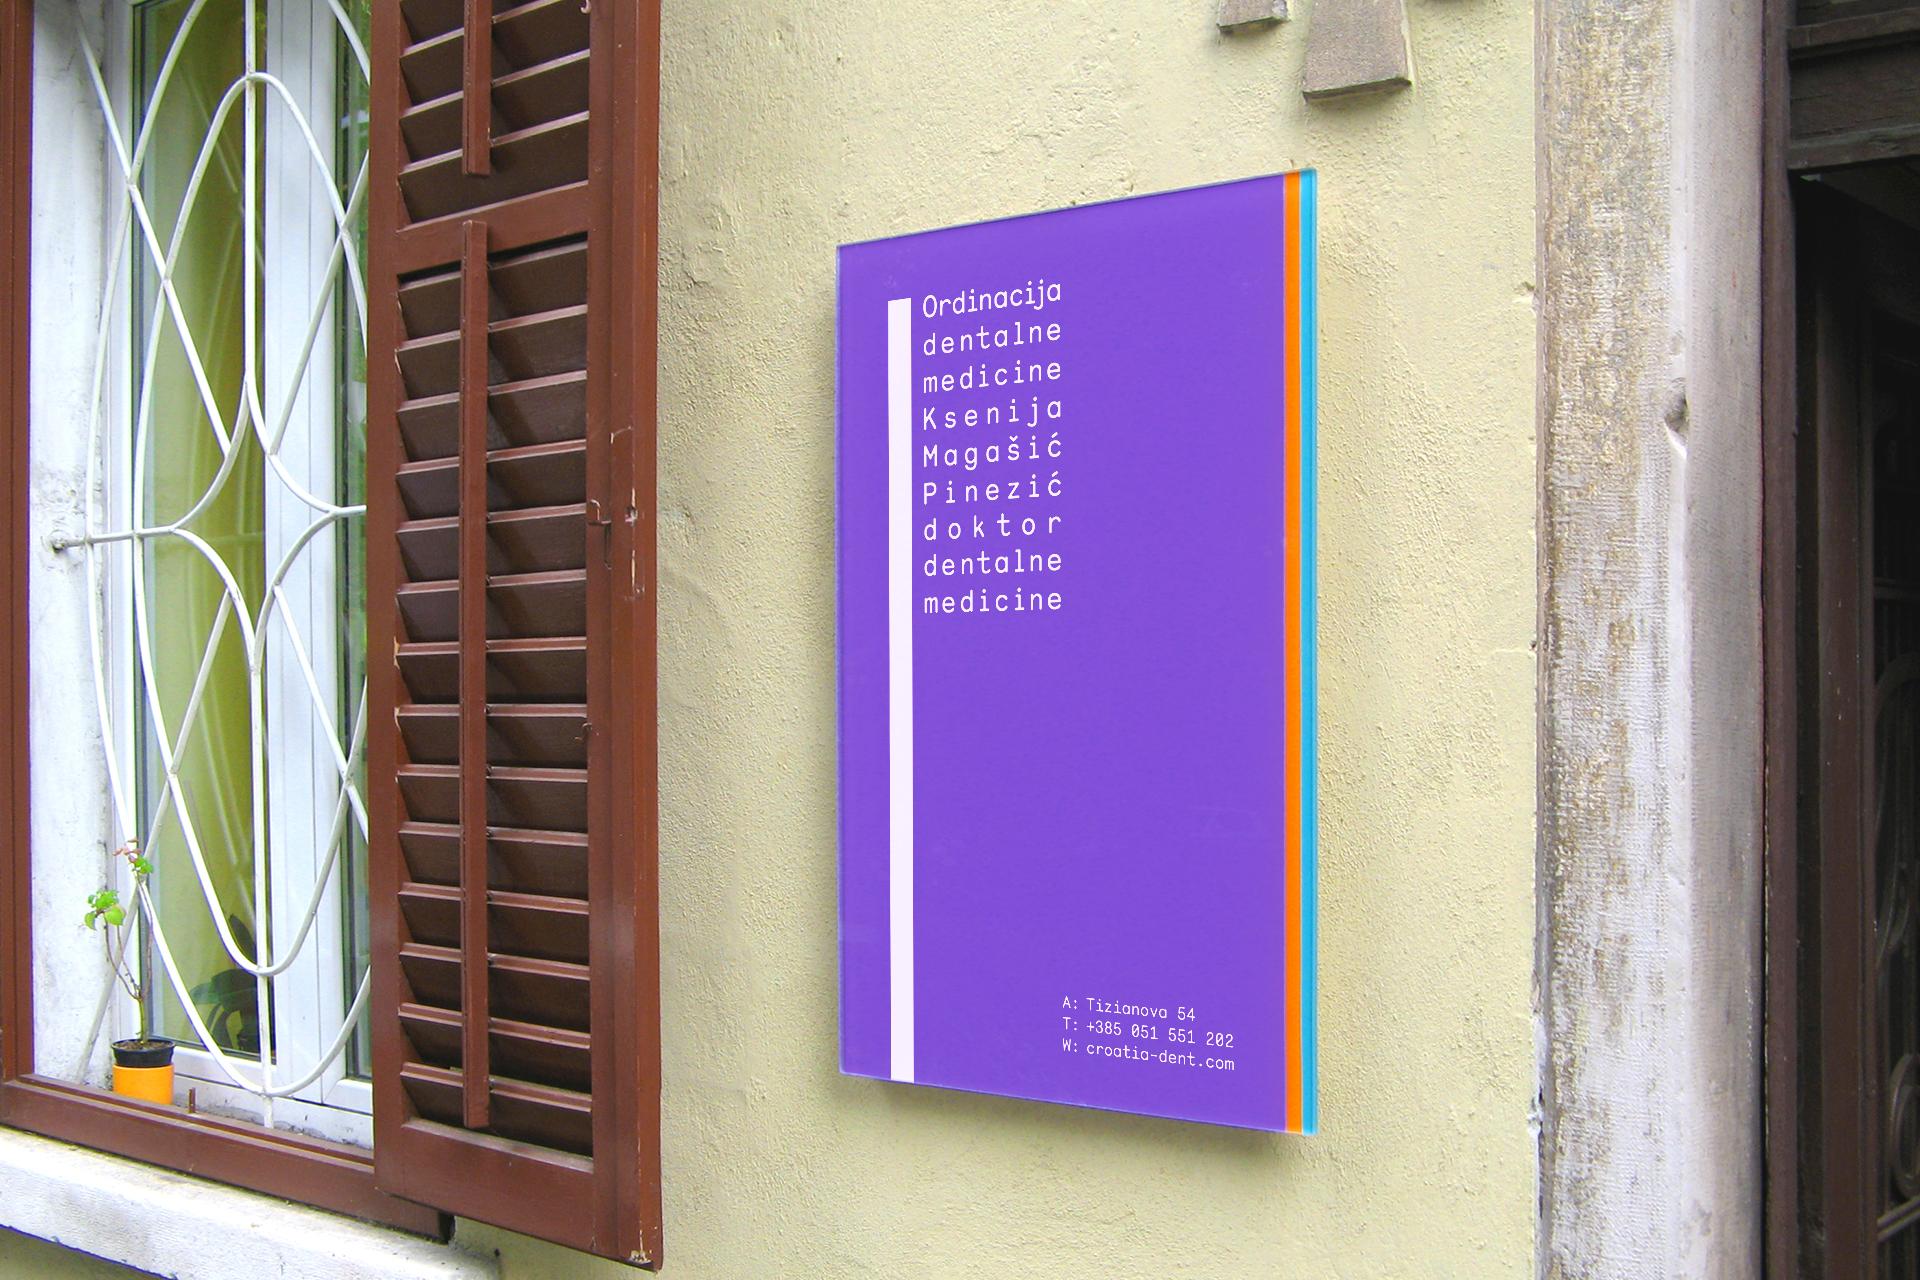 kmp_signage02.jpg